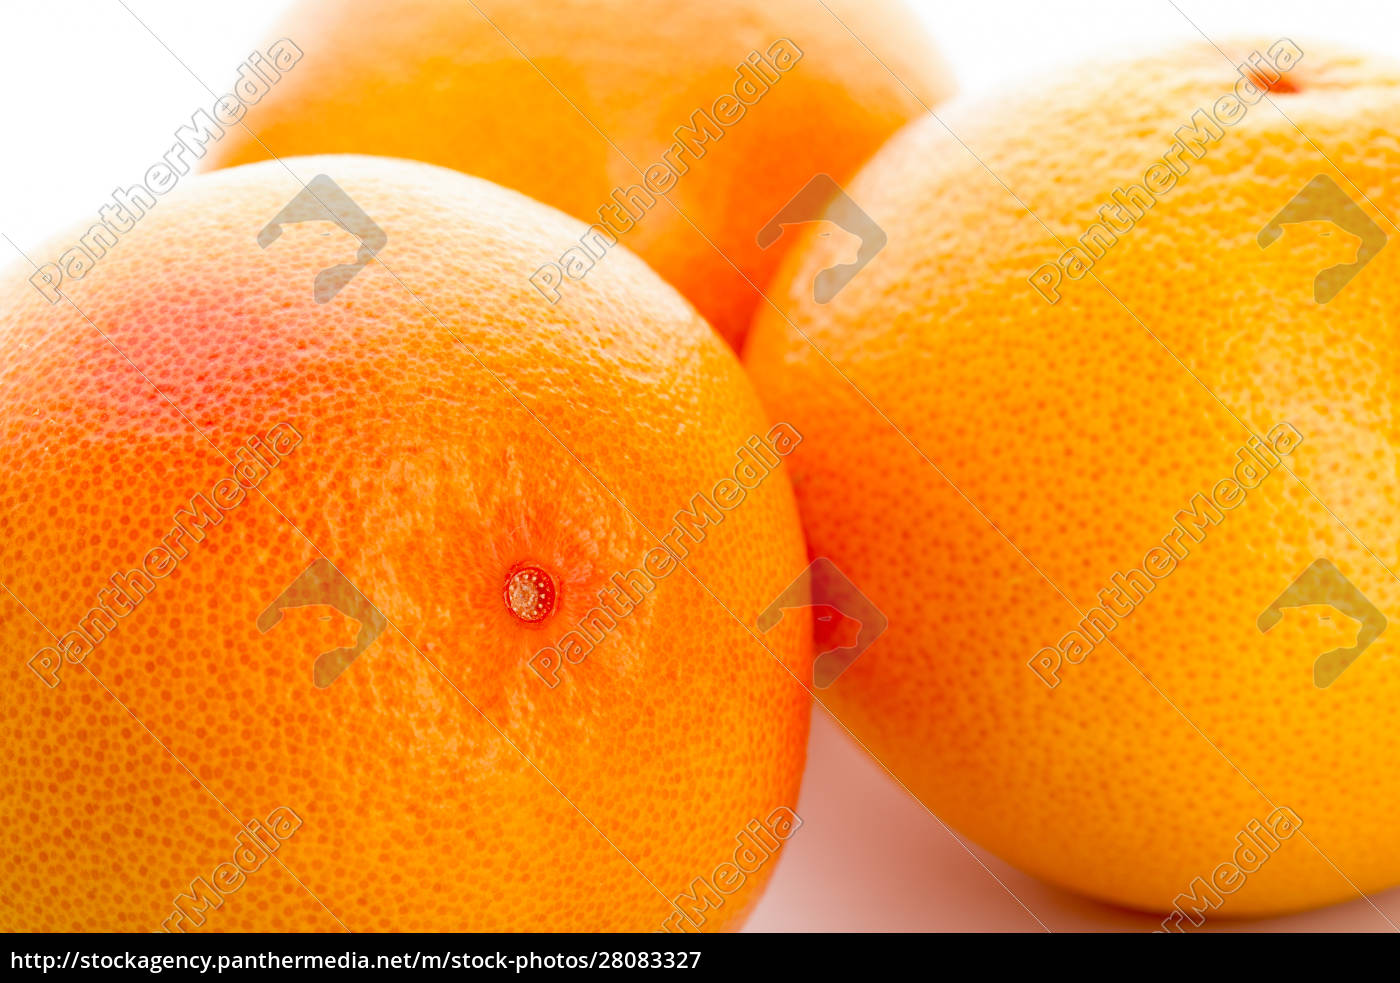 orange - 28083327